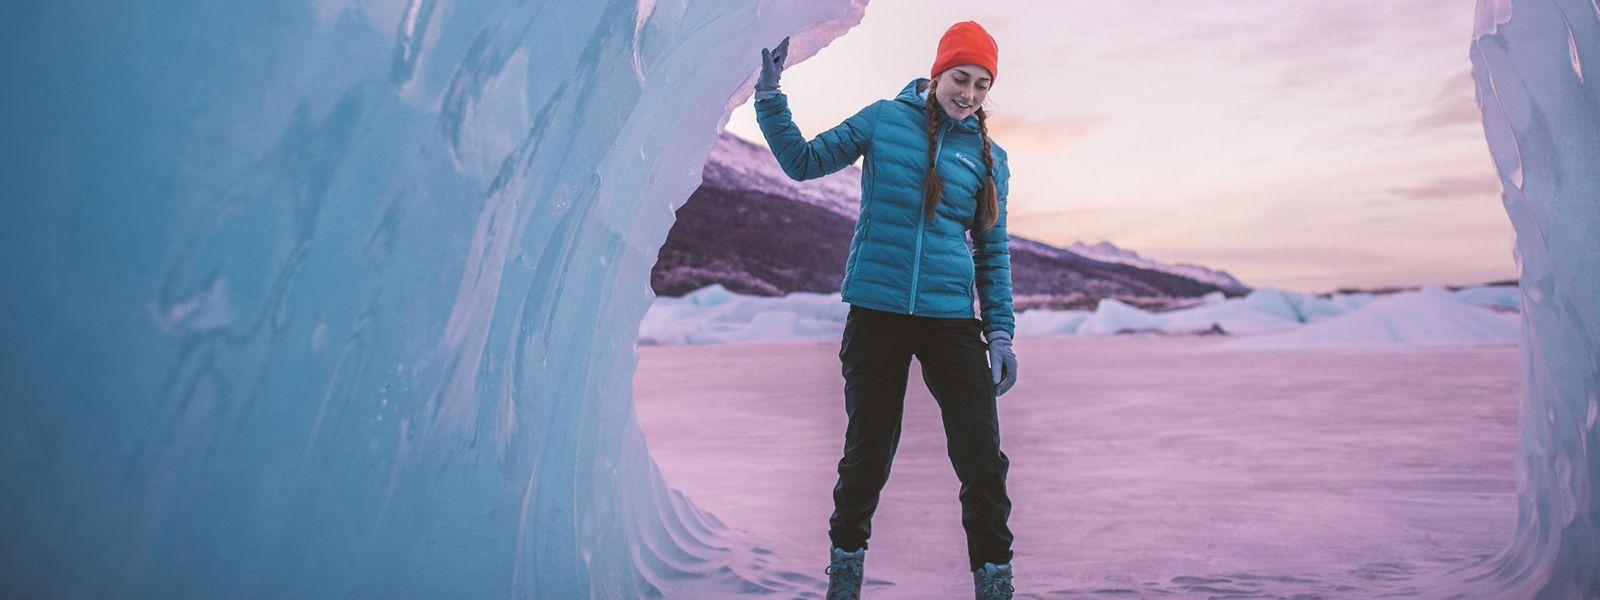 Einige Hersteller von Wintersportmode - wie beispielsweise Columbia Sportswear - setzen auf Farben, wie sonst nur Nordlichter sie an kalten Tagen zaubern können.